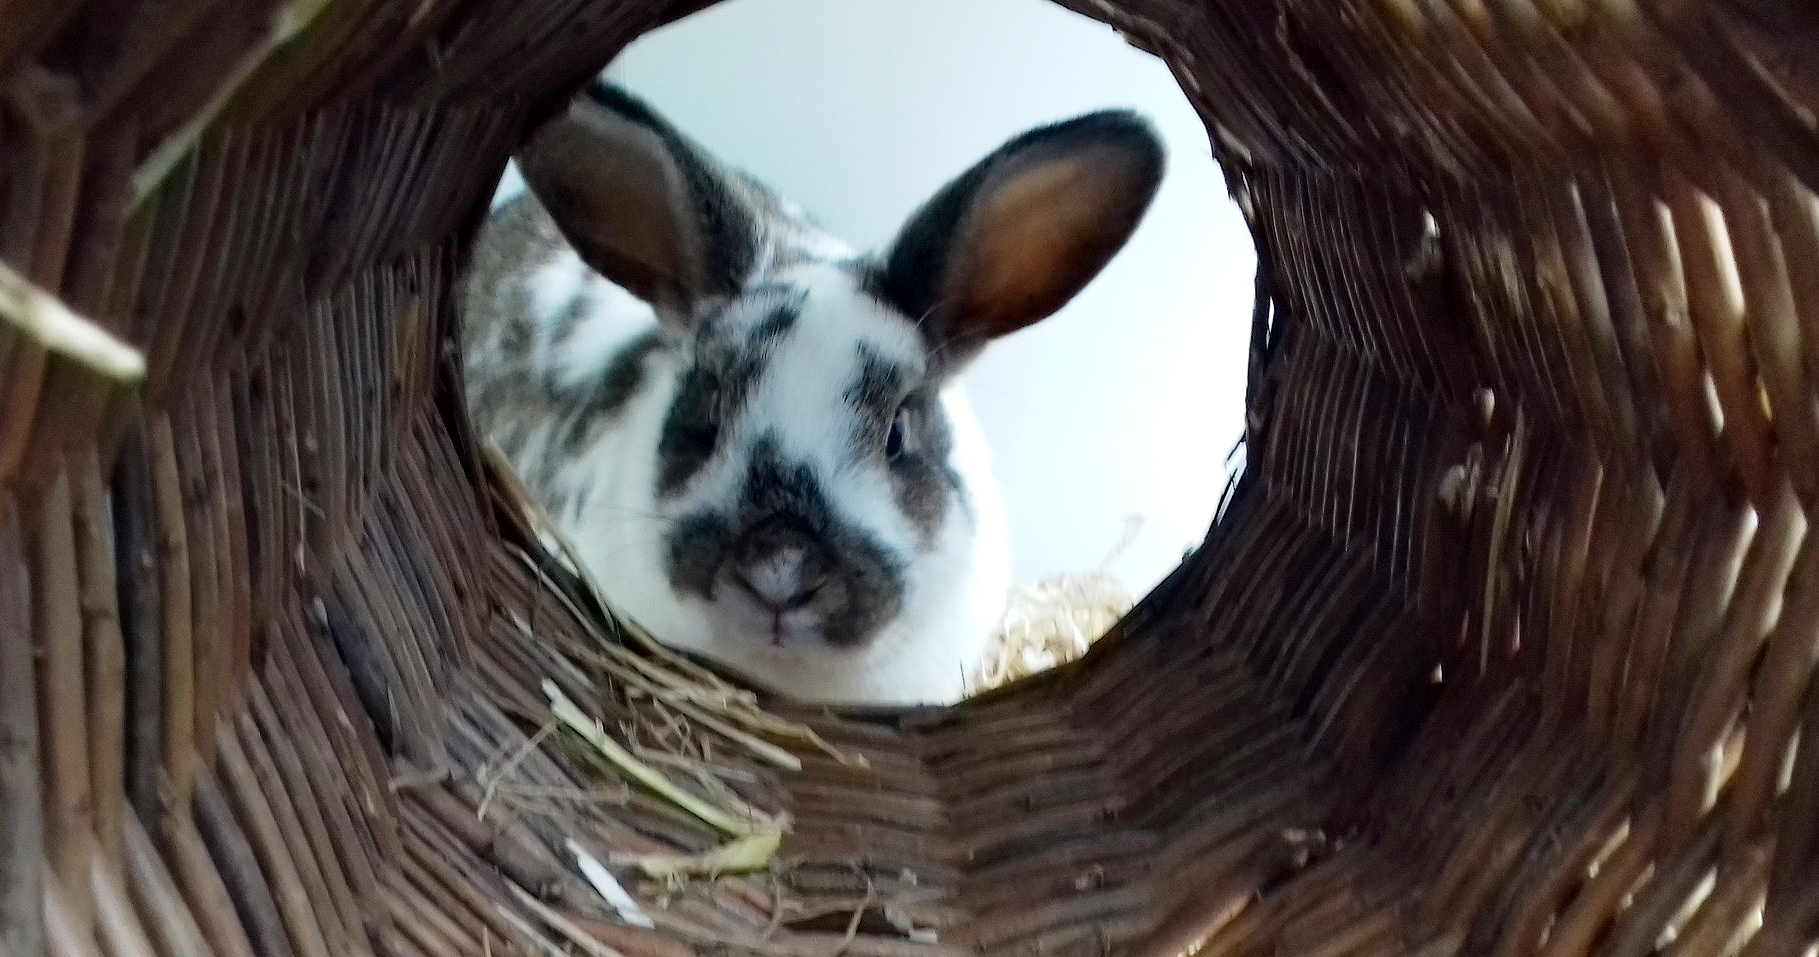 Intussen in het asiel: Bij de konijnen af